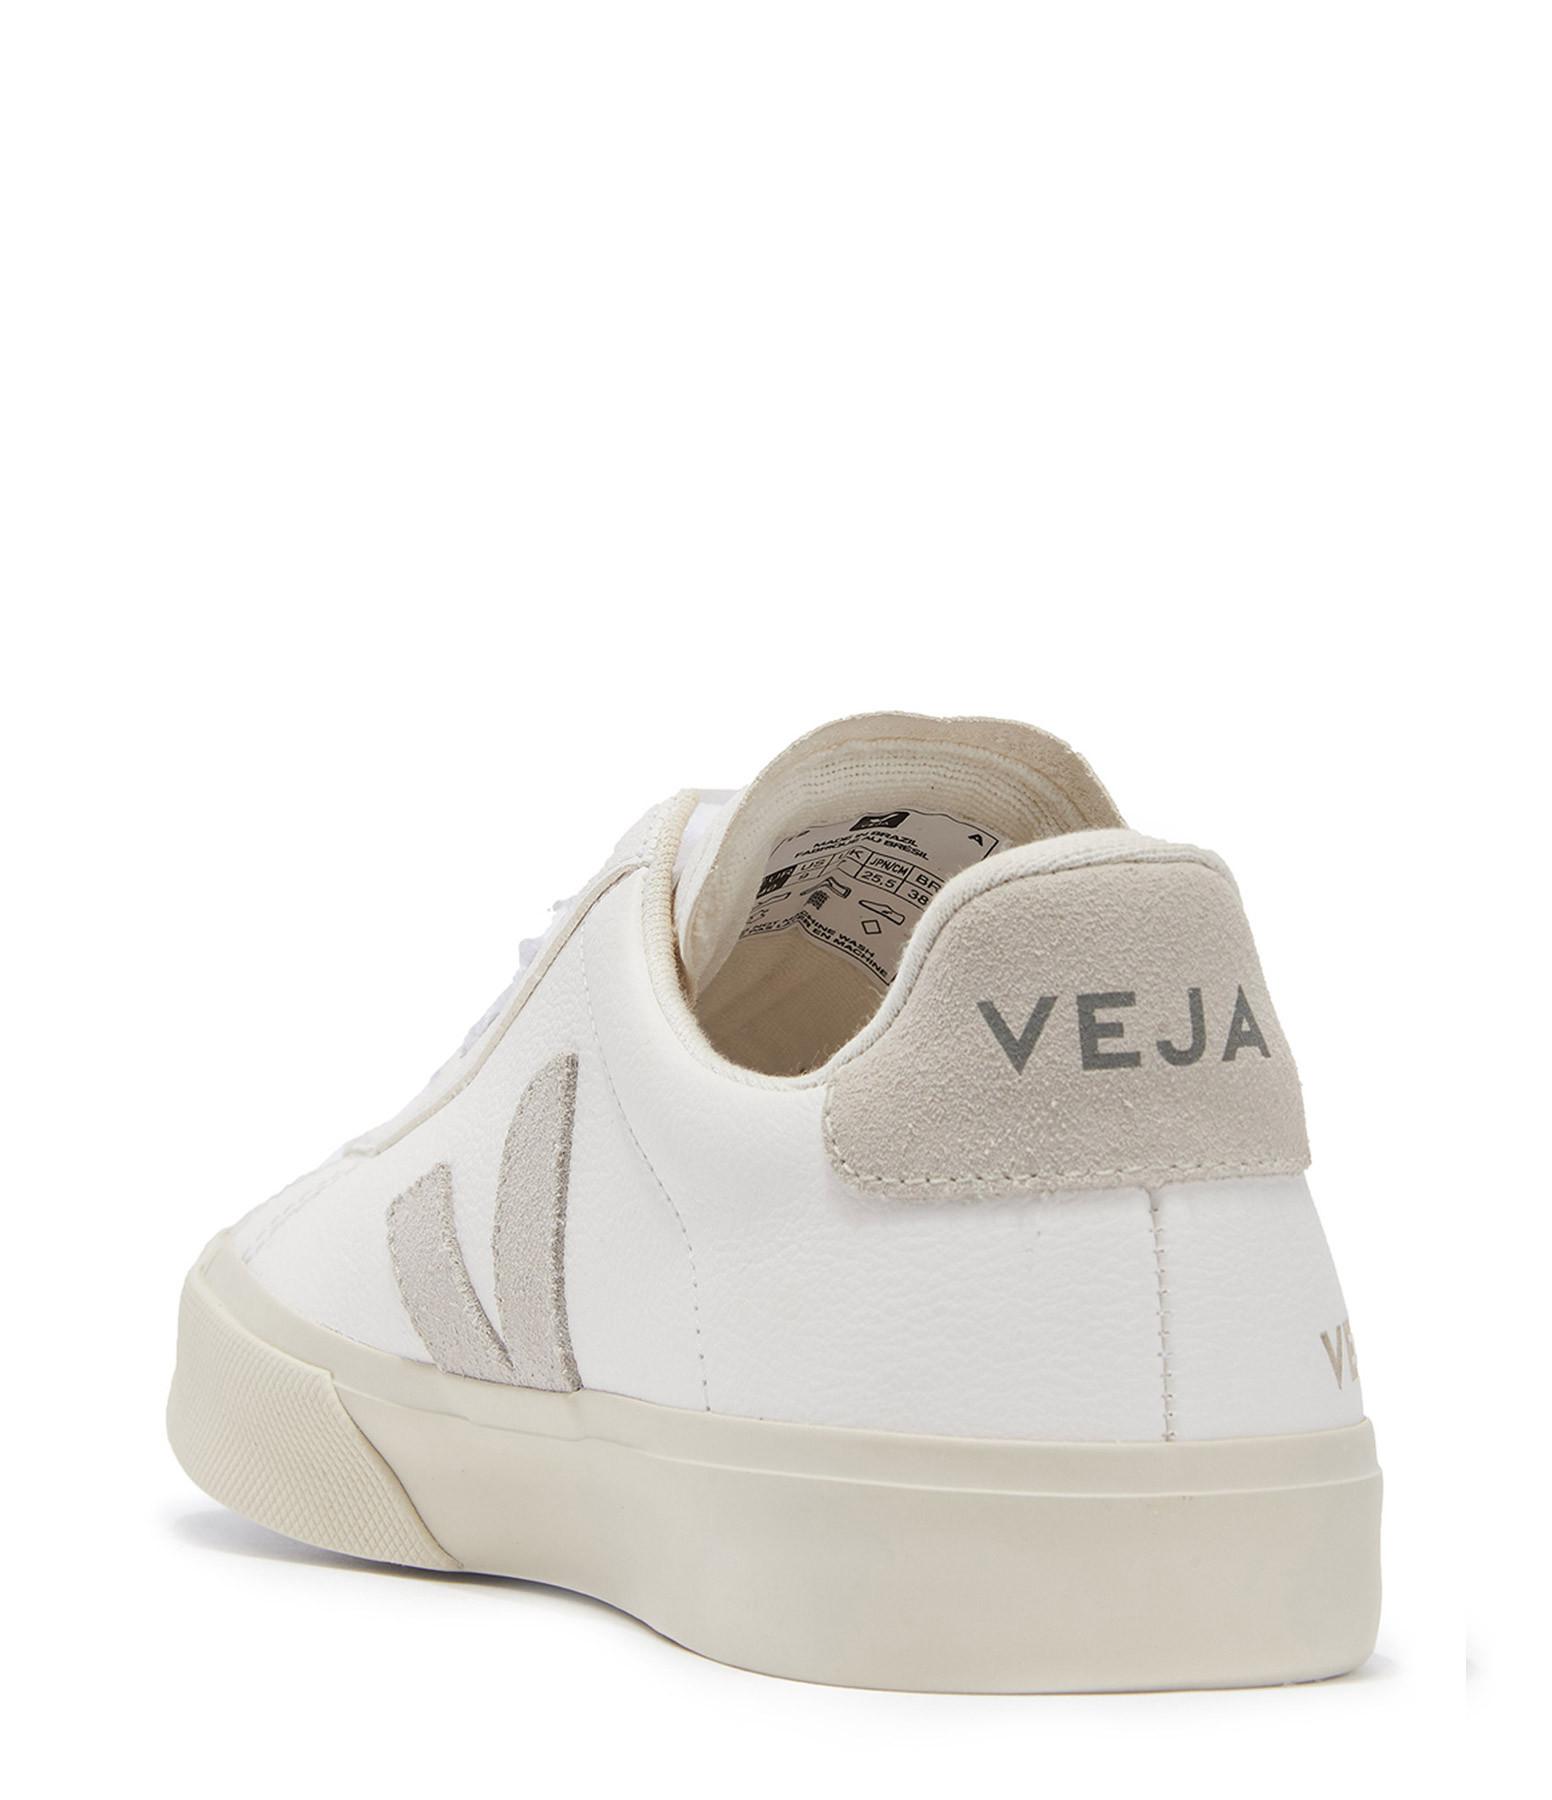 VEJA - Baskets Campo Chromefree Extra White Suédé Naturel